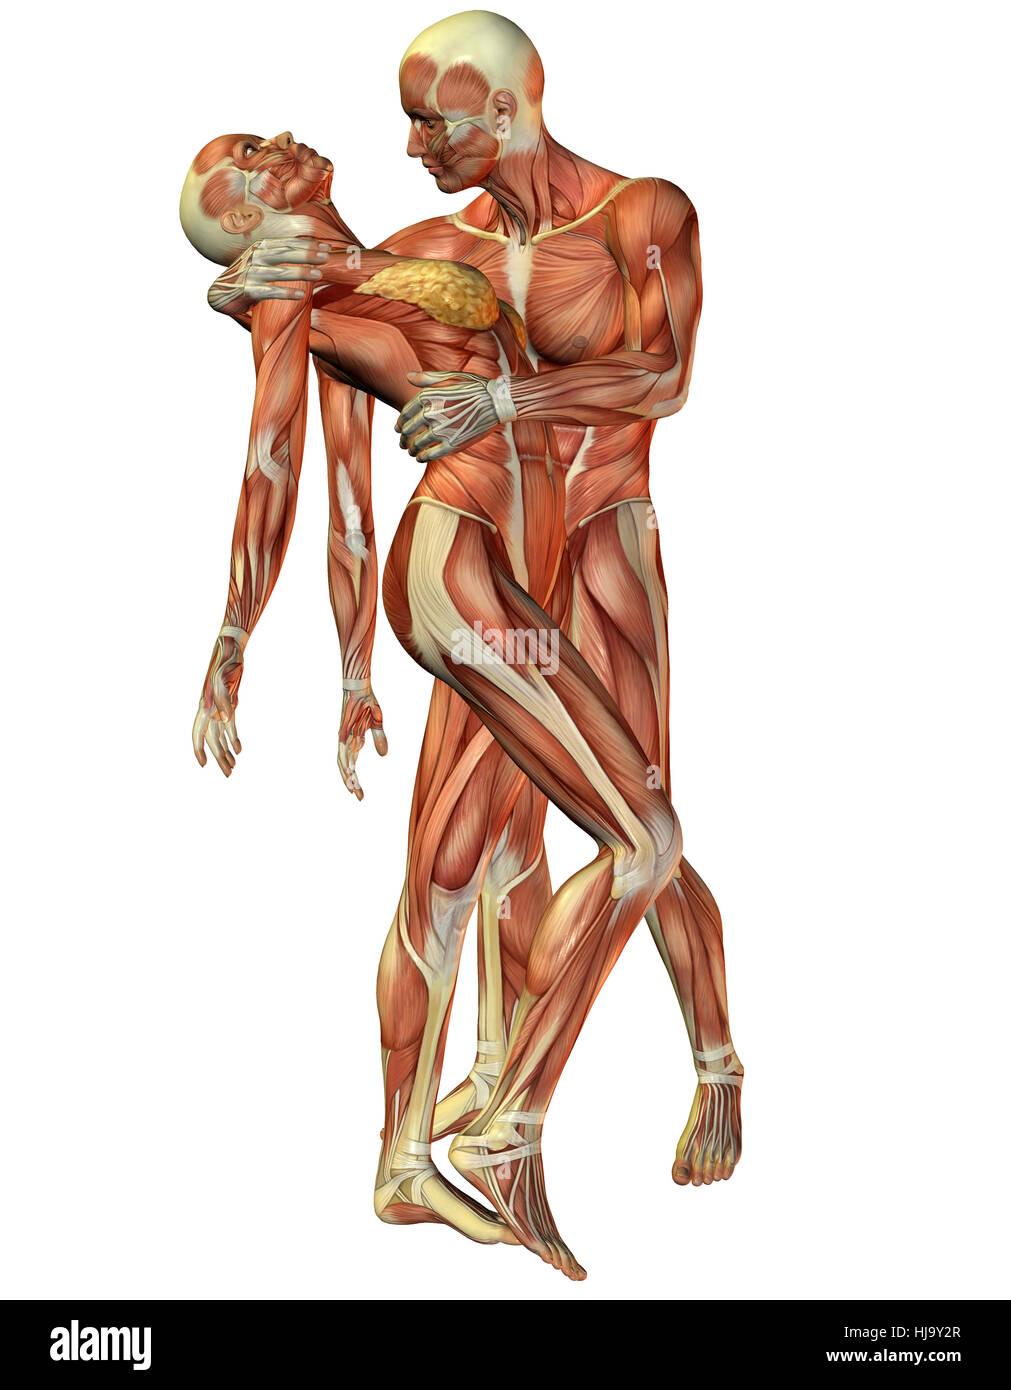 Beste Brust Anatomie Männlich Bilder - Anatomie Von Menschlichen ...